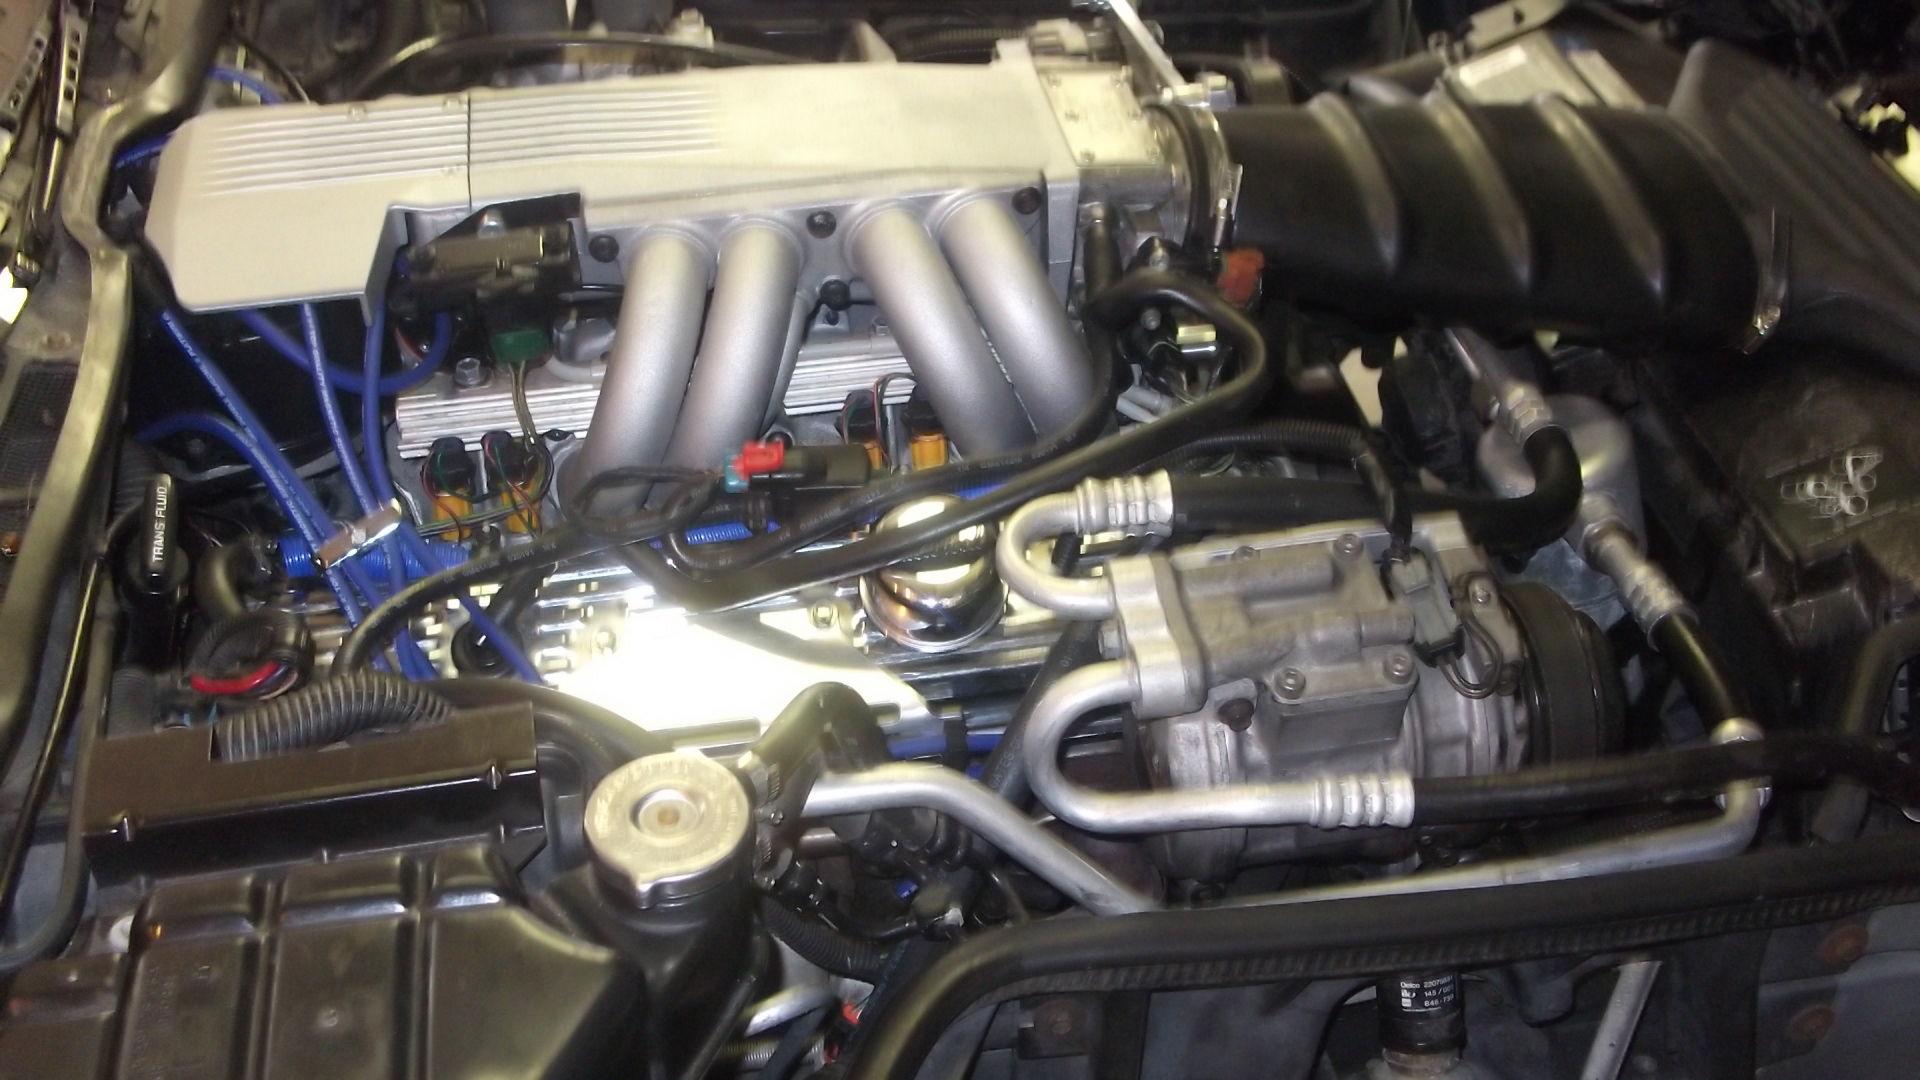 Emerg E C Fd A F Ed De Aad A F on 91 Corvette Egr Valve Location